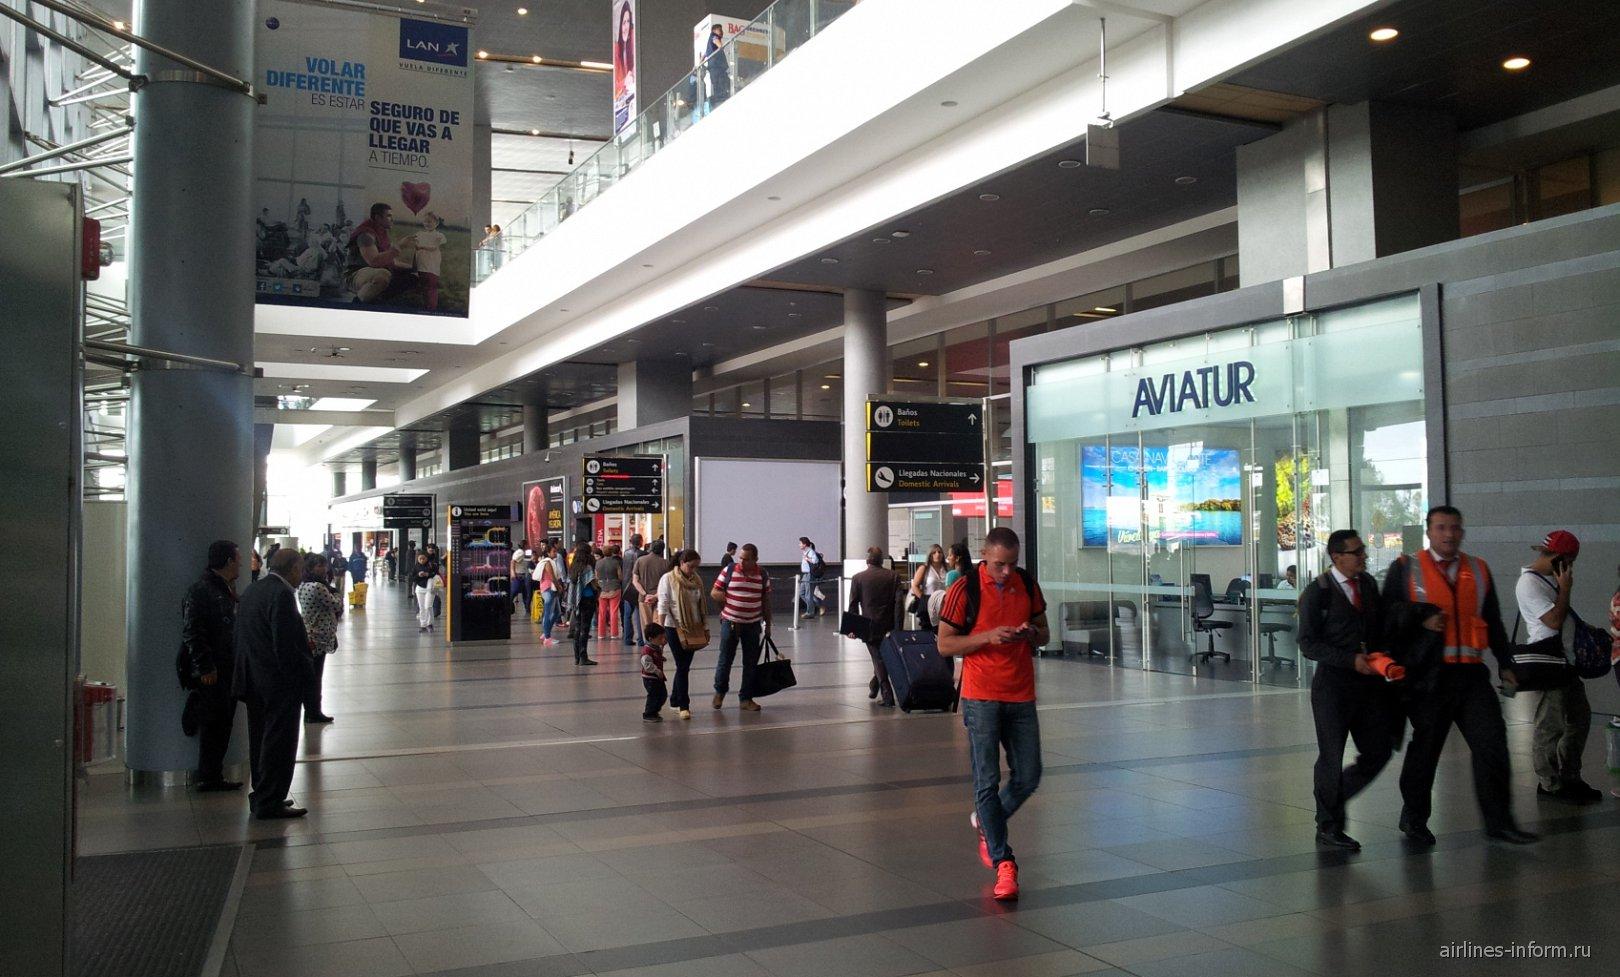 Зал прилета в международном терминале аэропорта Богота Эльдорадо